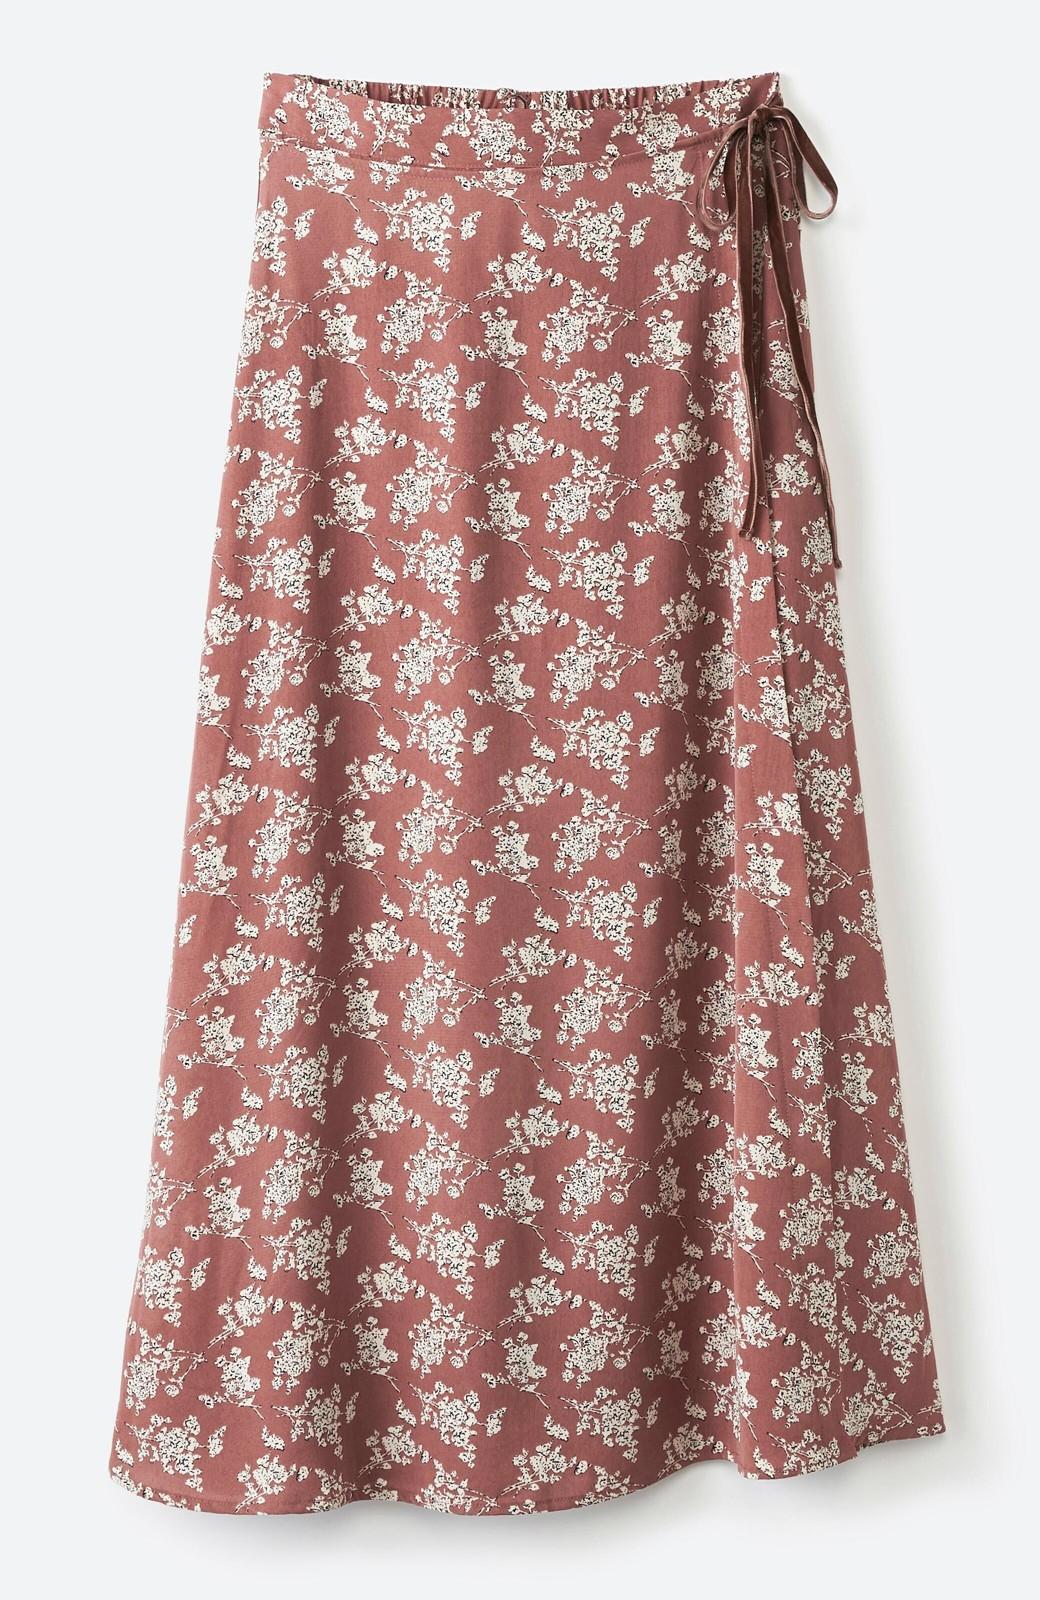 haco! シンプルトップスを合わせるだけで印象アップ間違いなしの花柄ロングフレアースカート <ピンク>の商品写真2